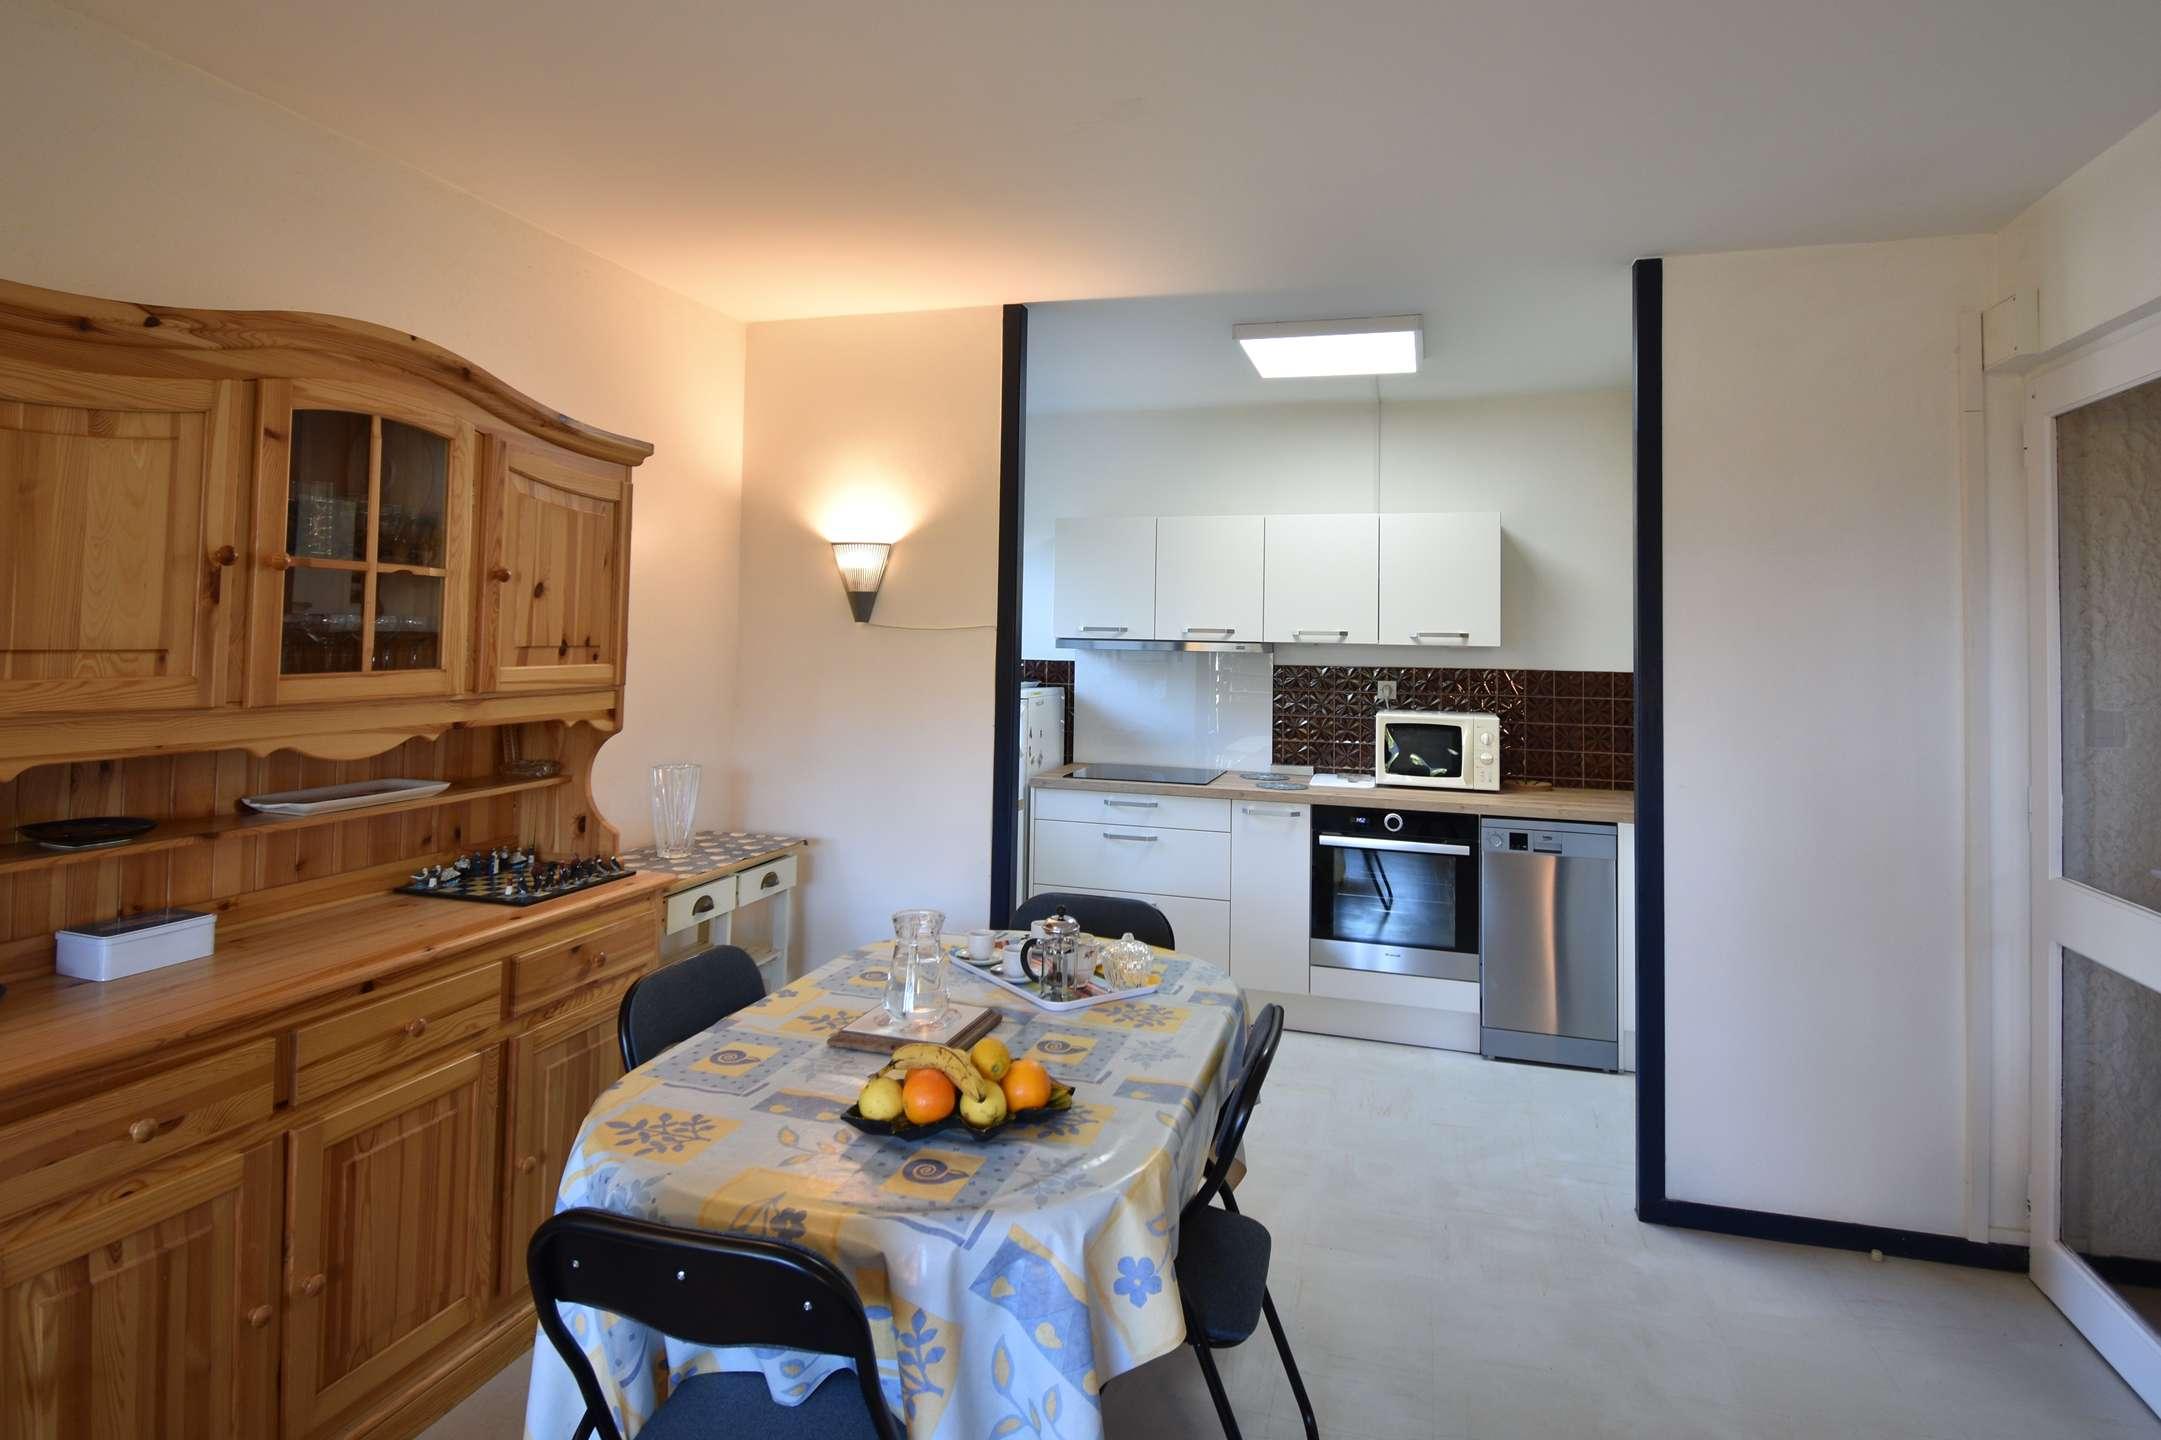 location de vacances à Seignosse ref:0028